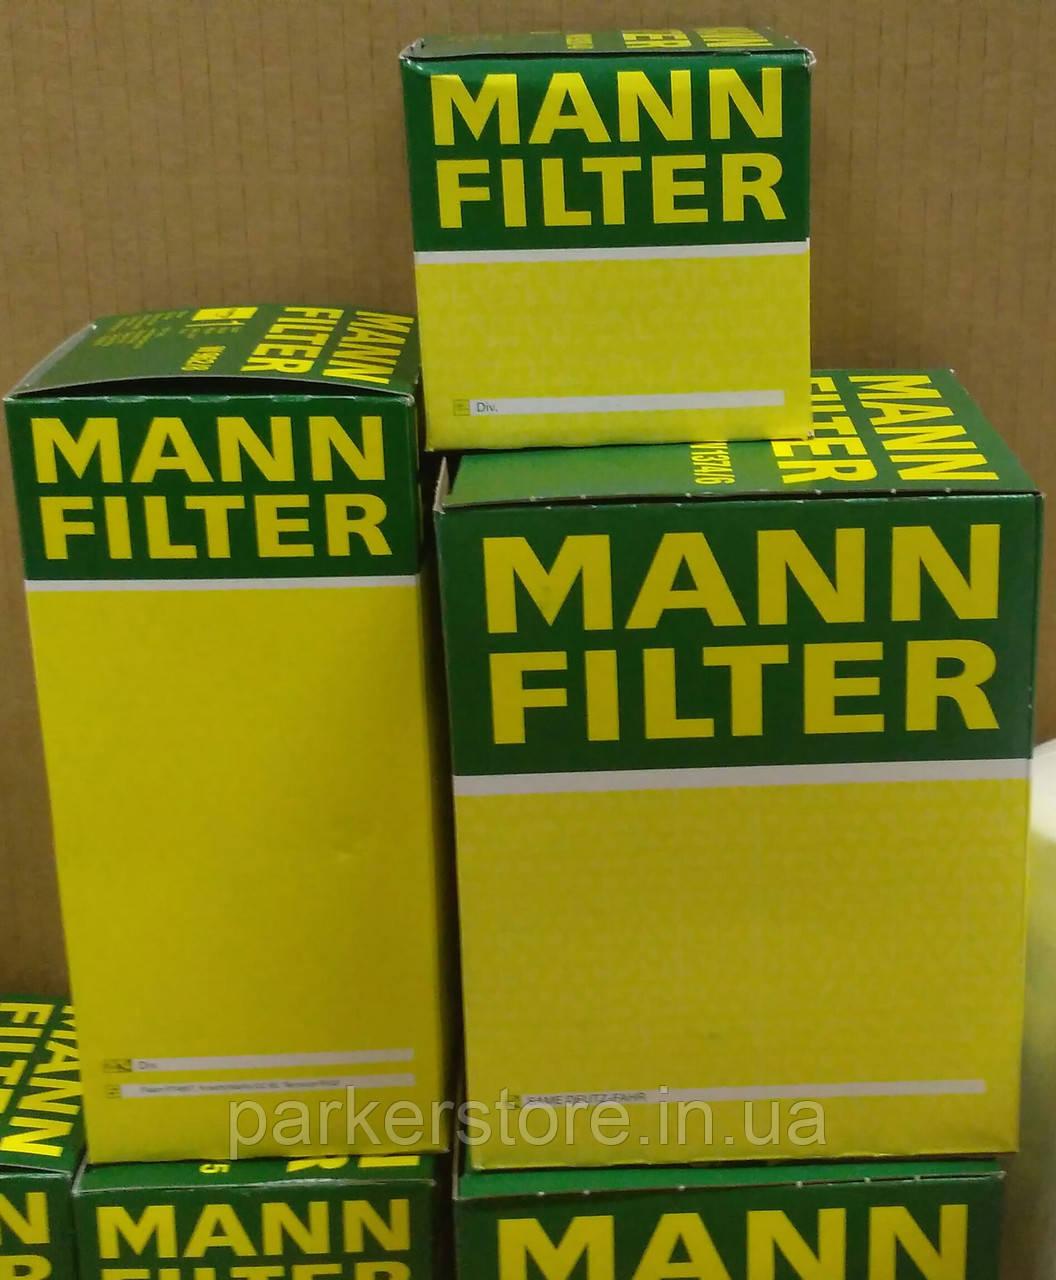 MANN FILTER / Повітряний фільтр / C 28 010 / C28010